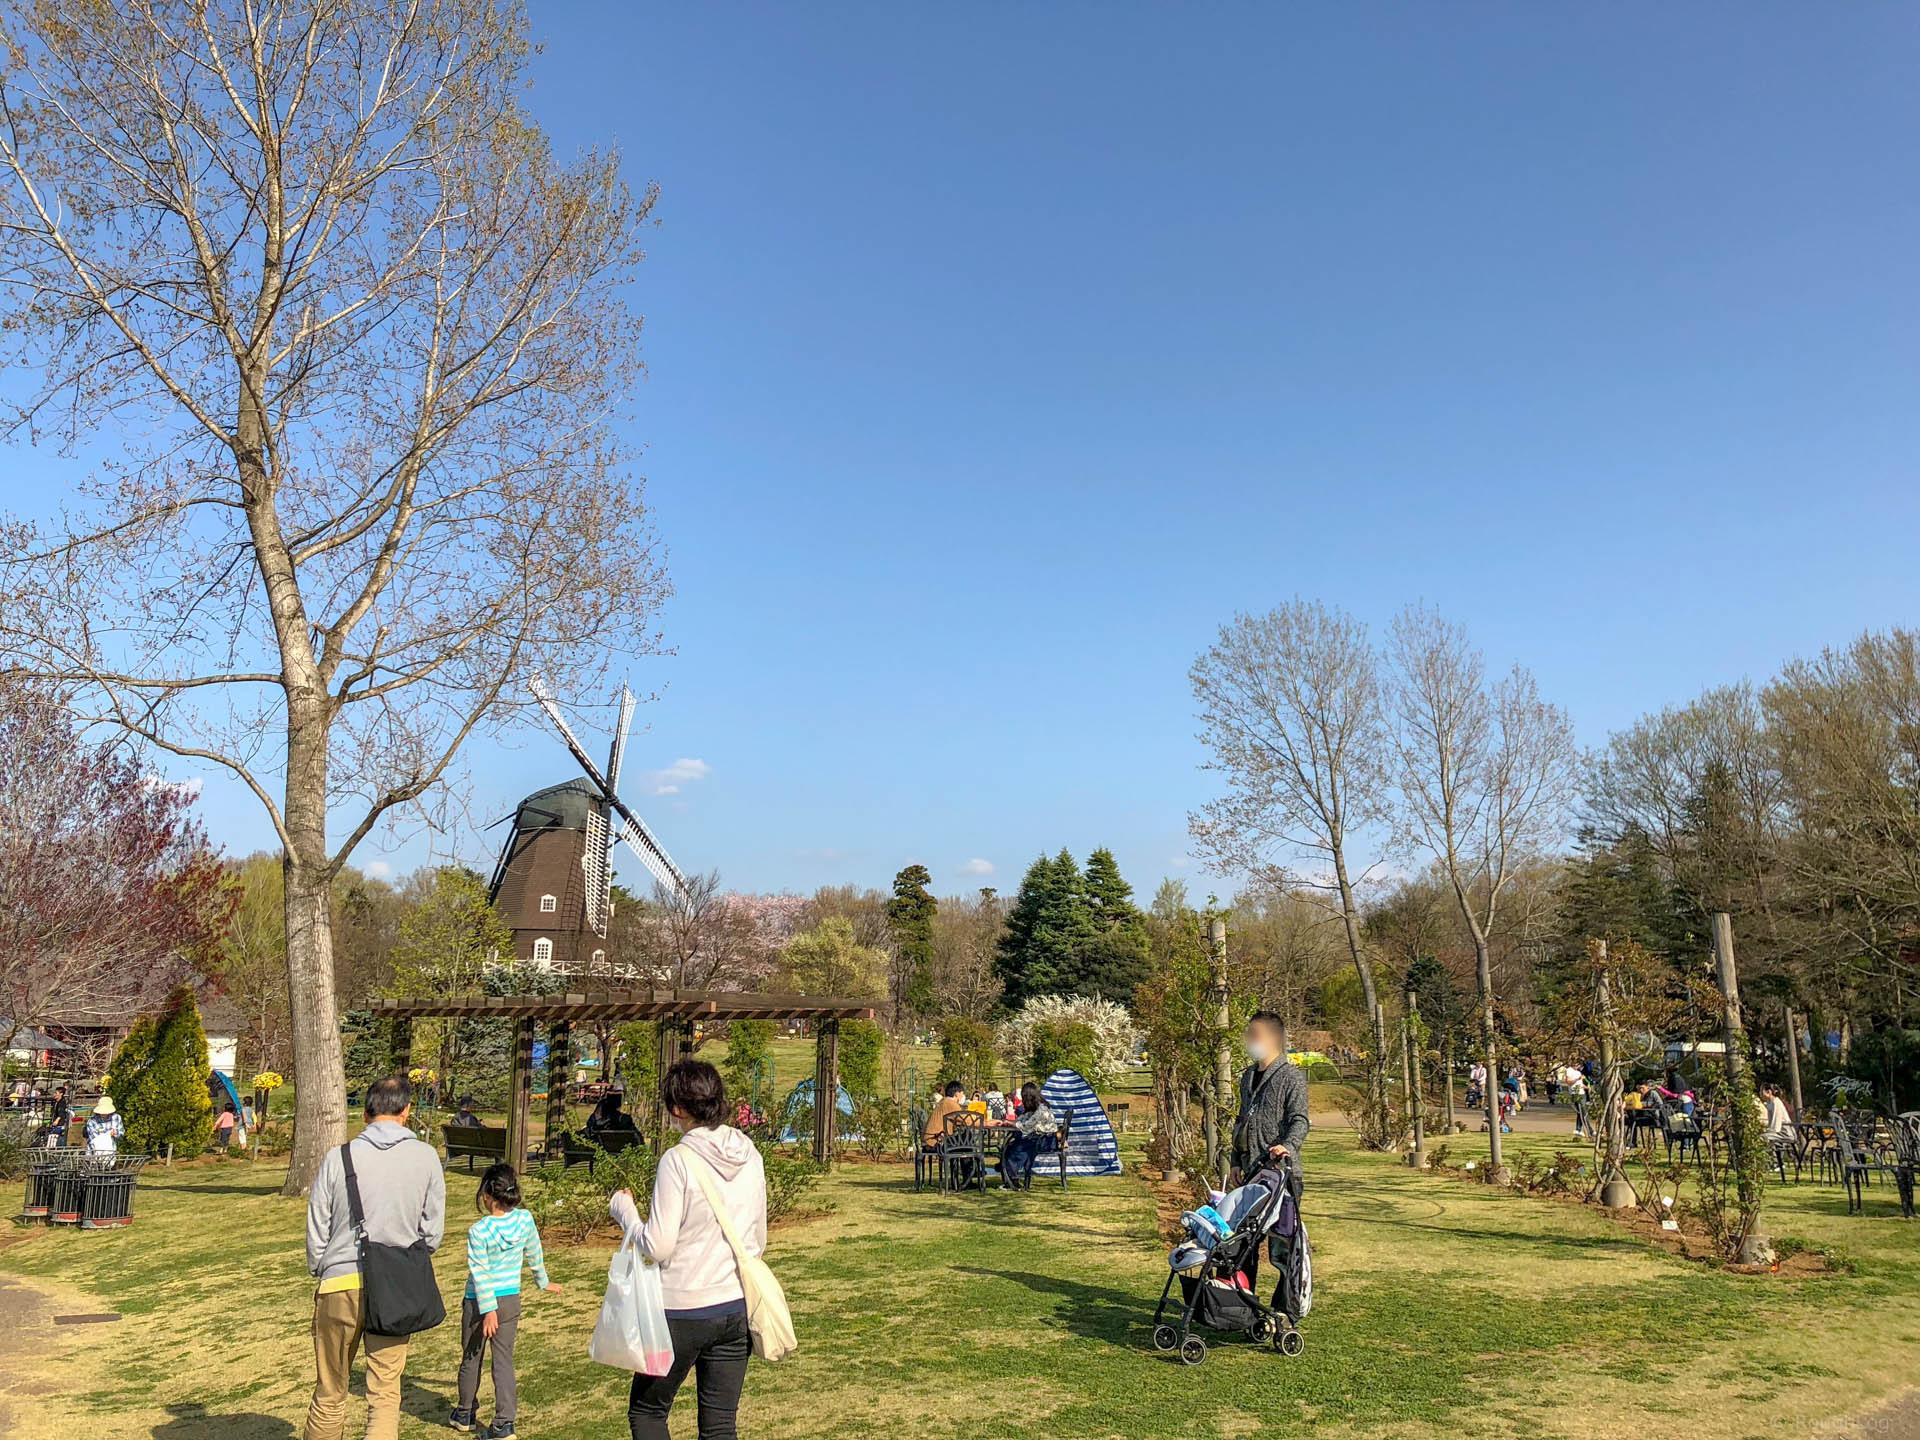 千葉県船橋市の「ふなばしアンデルセン公園」の風車